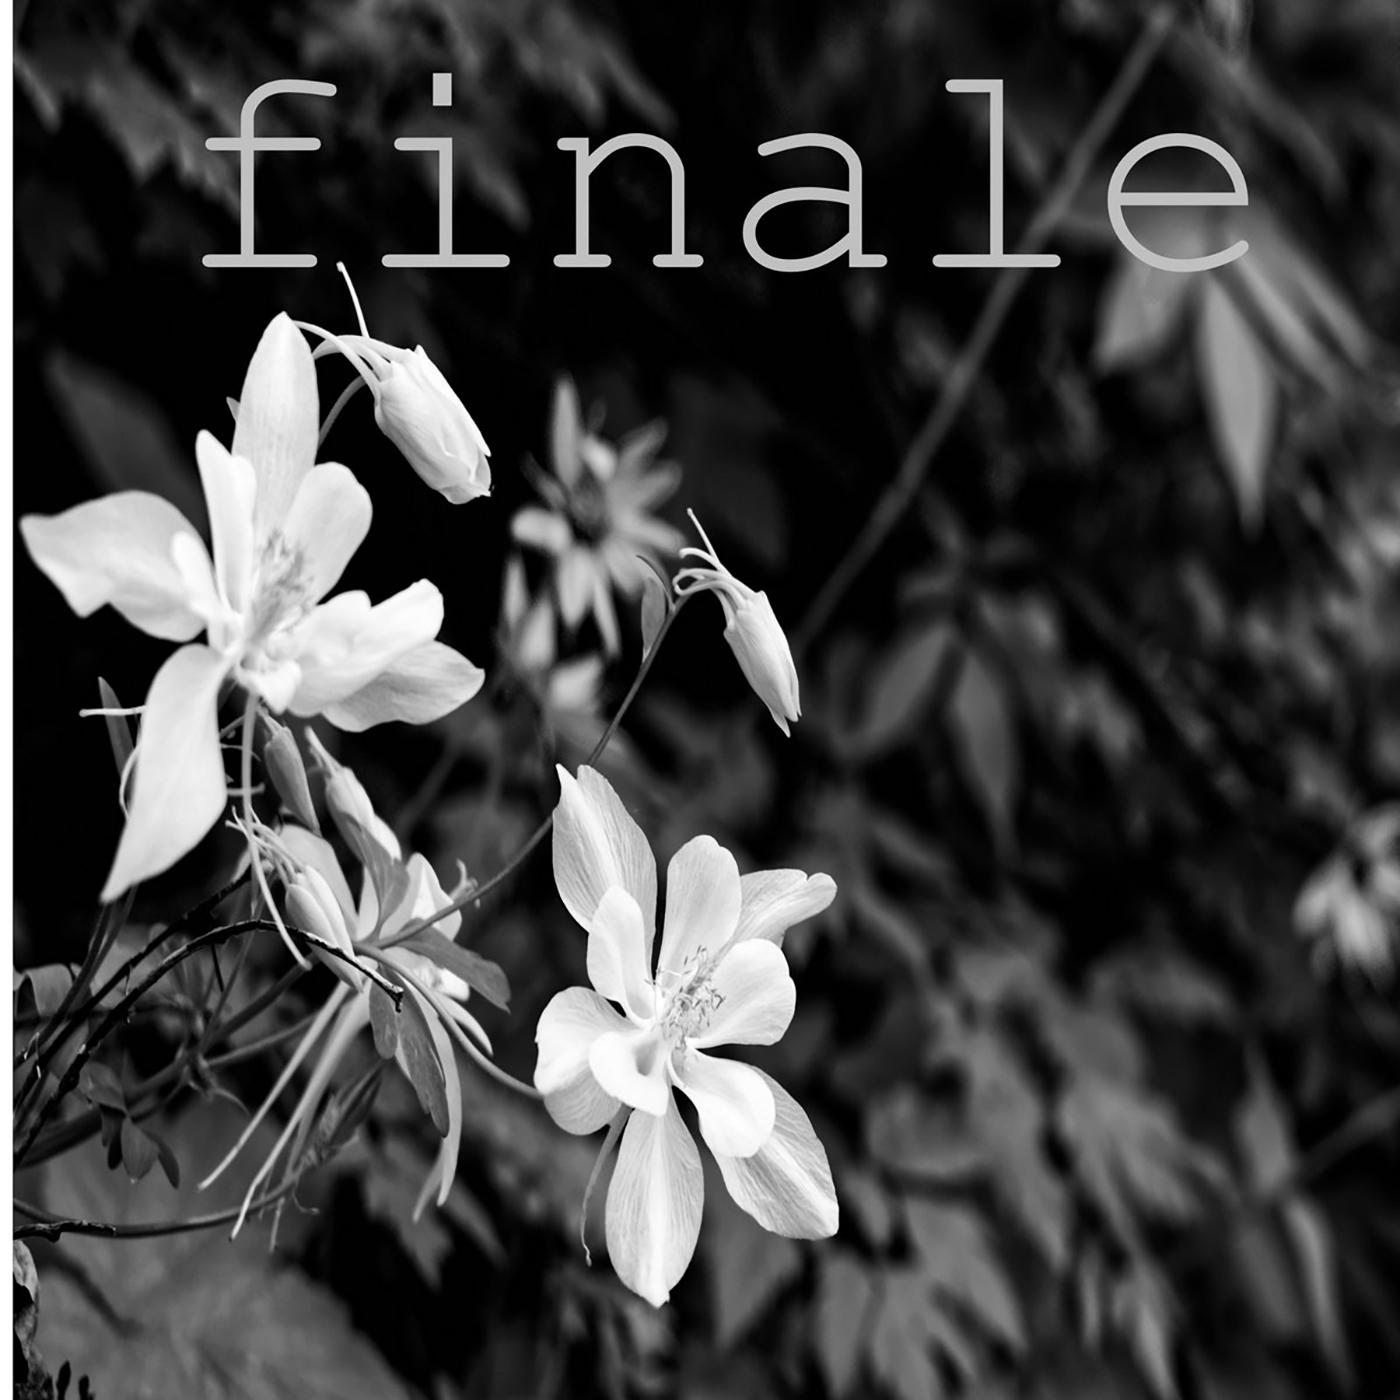 finale | amore e perdita | Self-Released